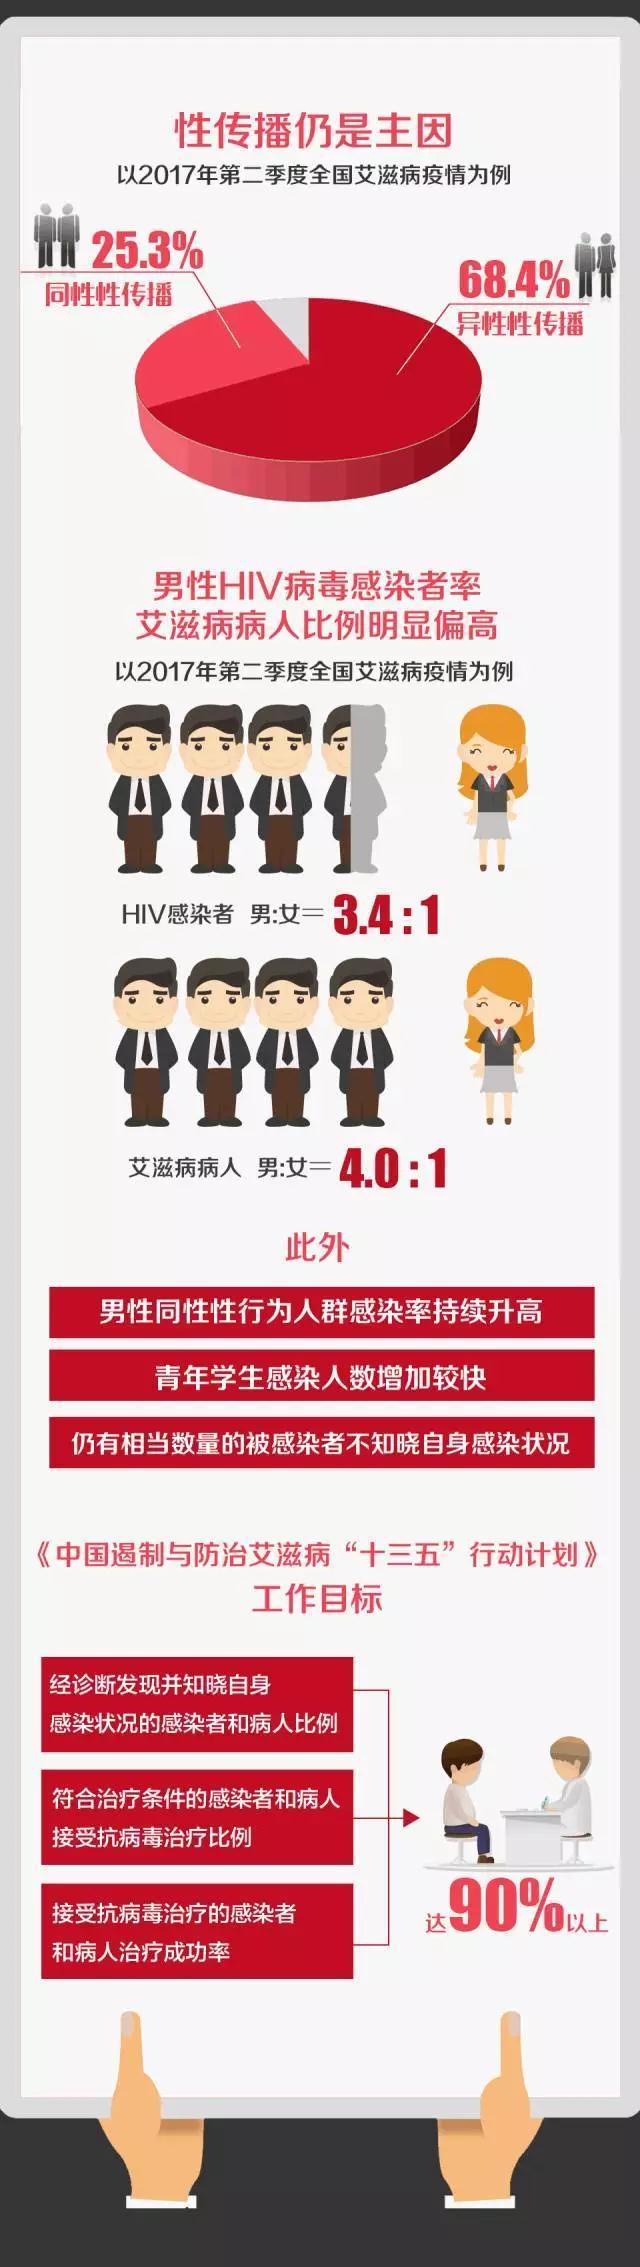 世界艾滋病日宣传知识